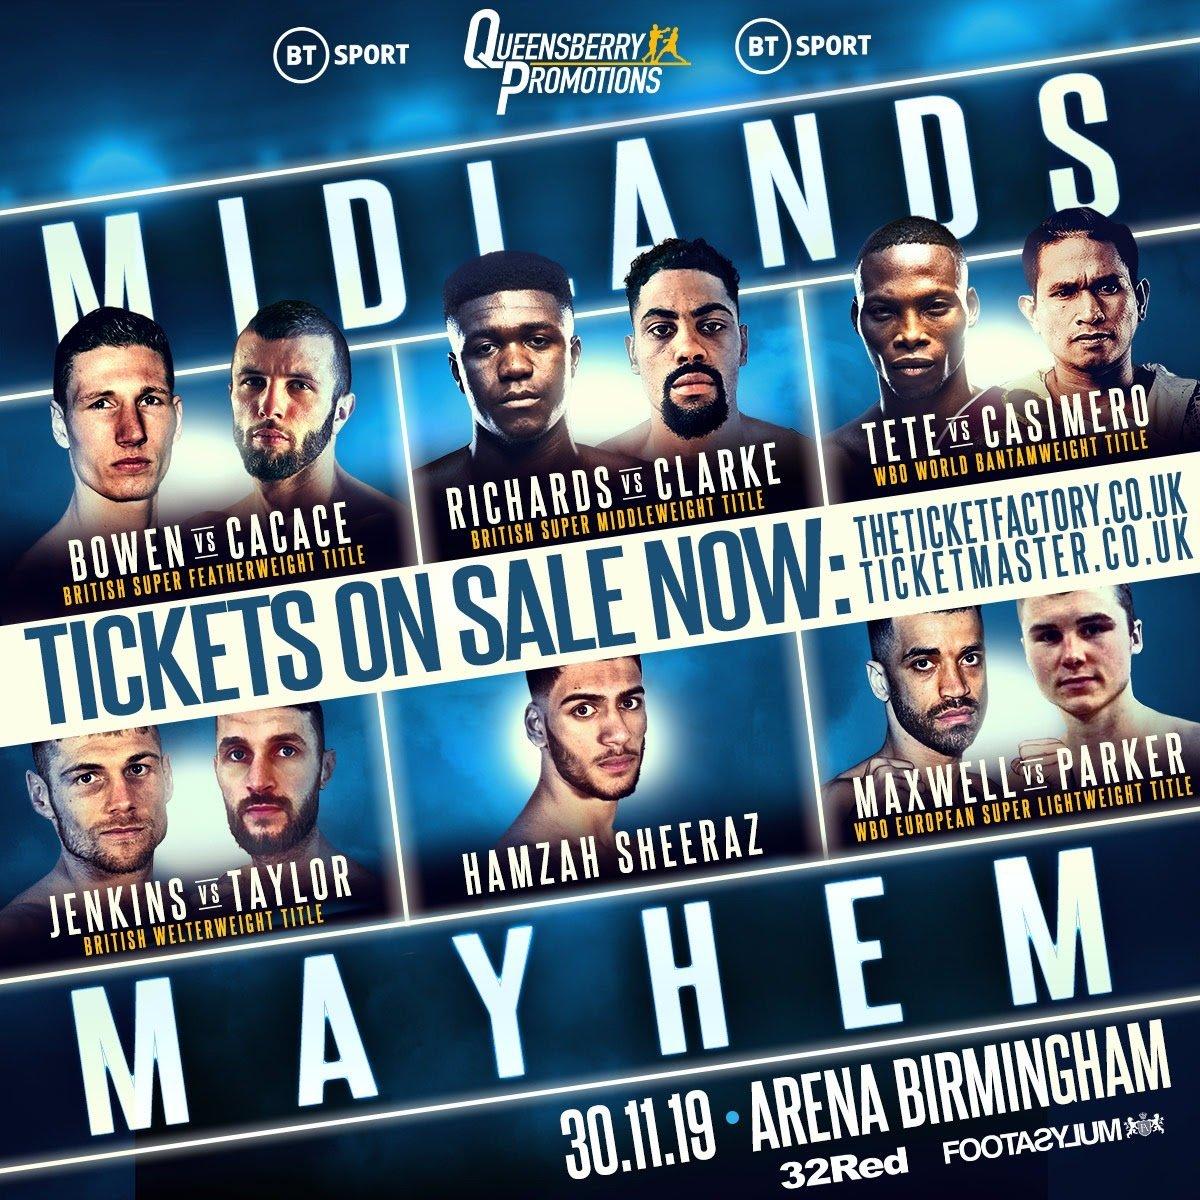 Anthony Cacace, Sam Bowen - British Boxing